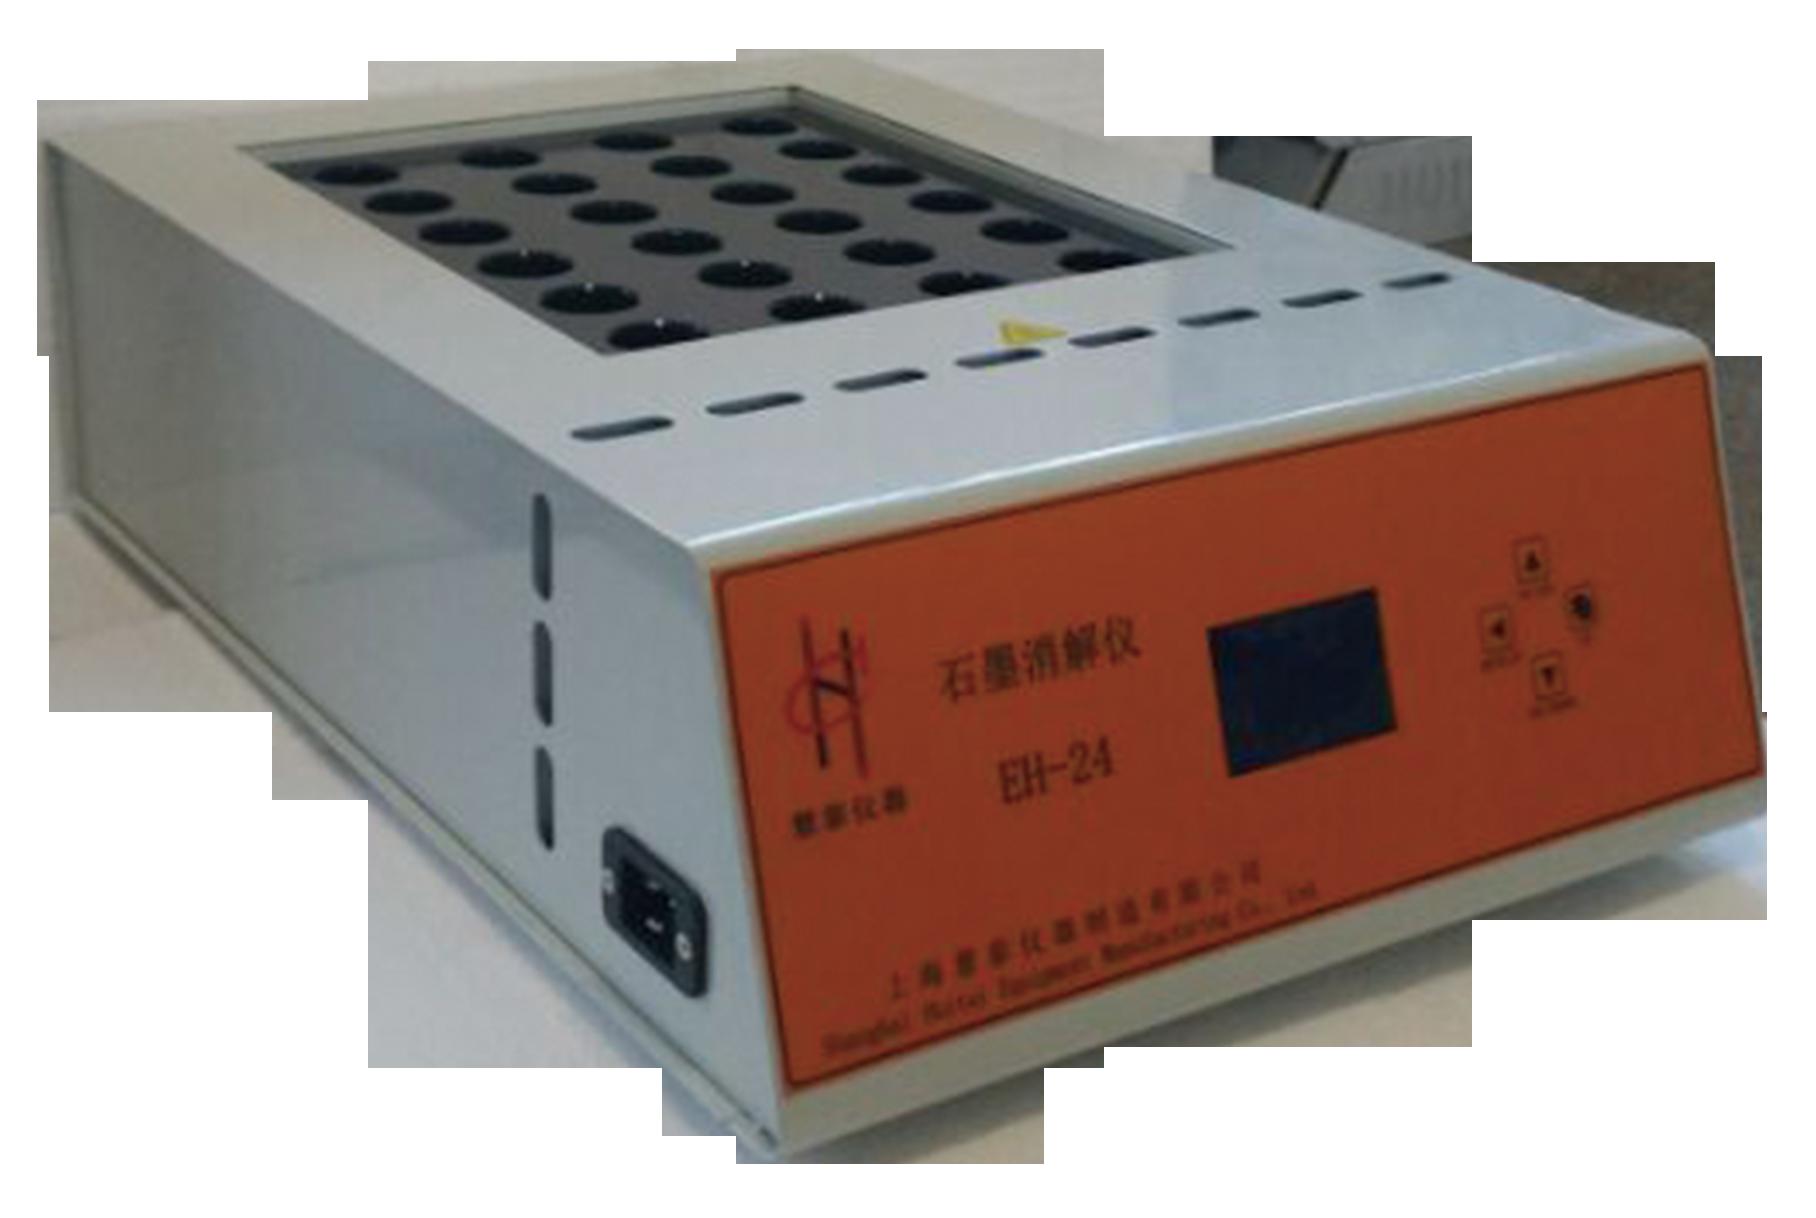 上海慧泰石墨消解仪EH-24G